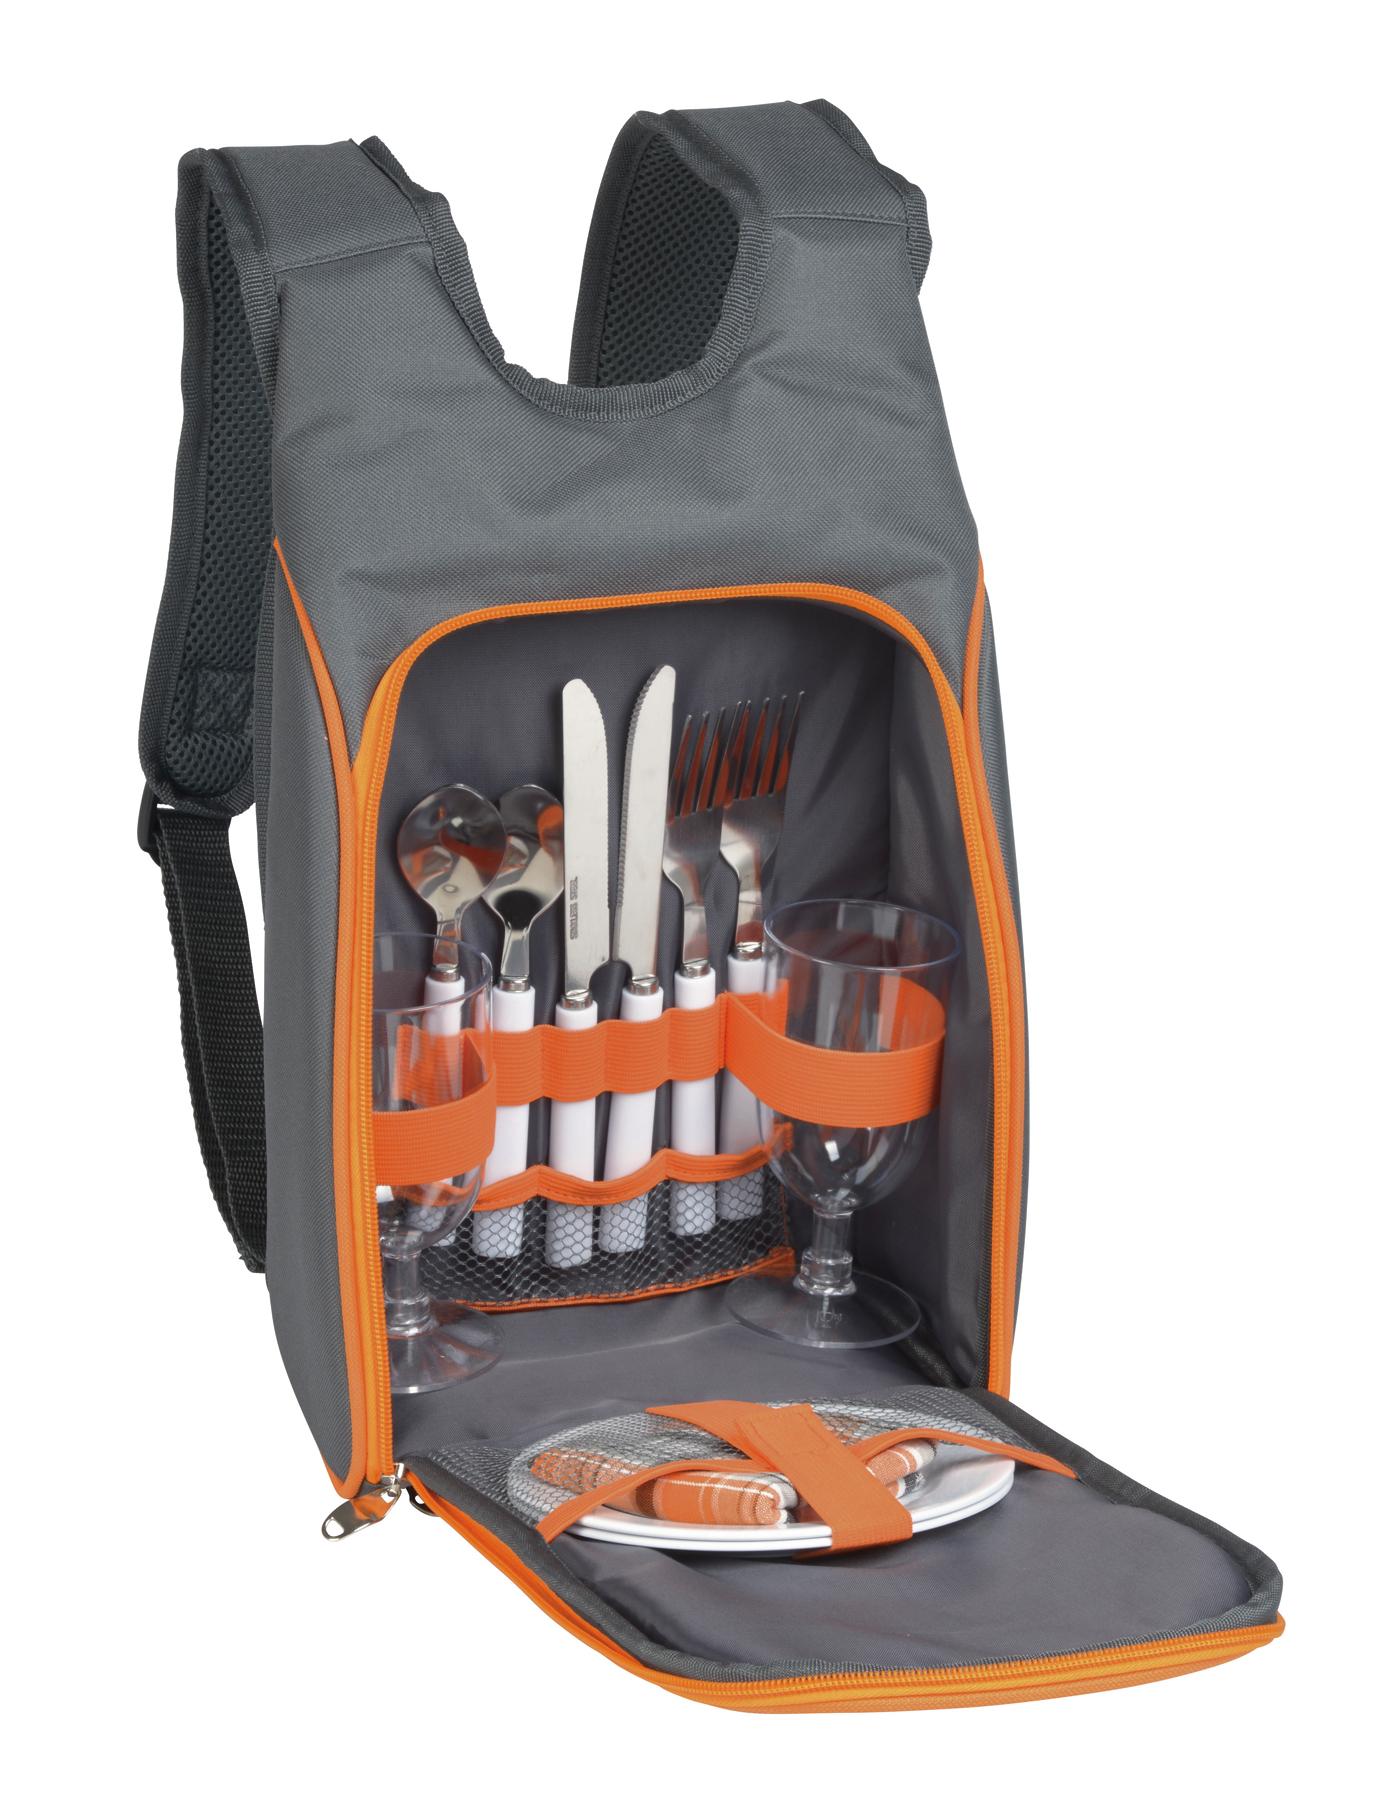 Plecak piknikowy SMART TRIP, pomarańczowy, szary